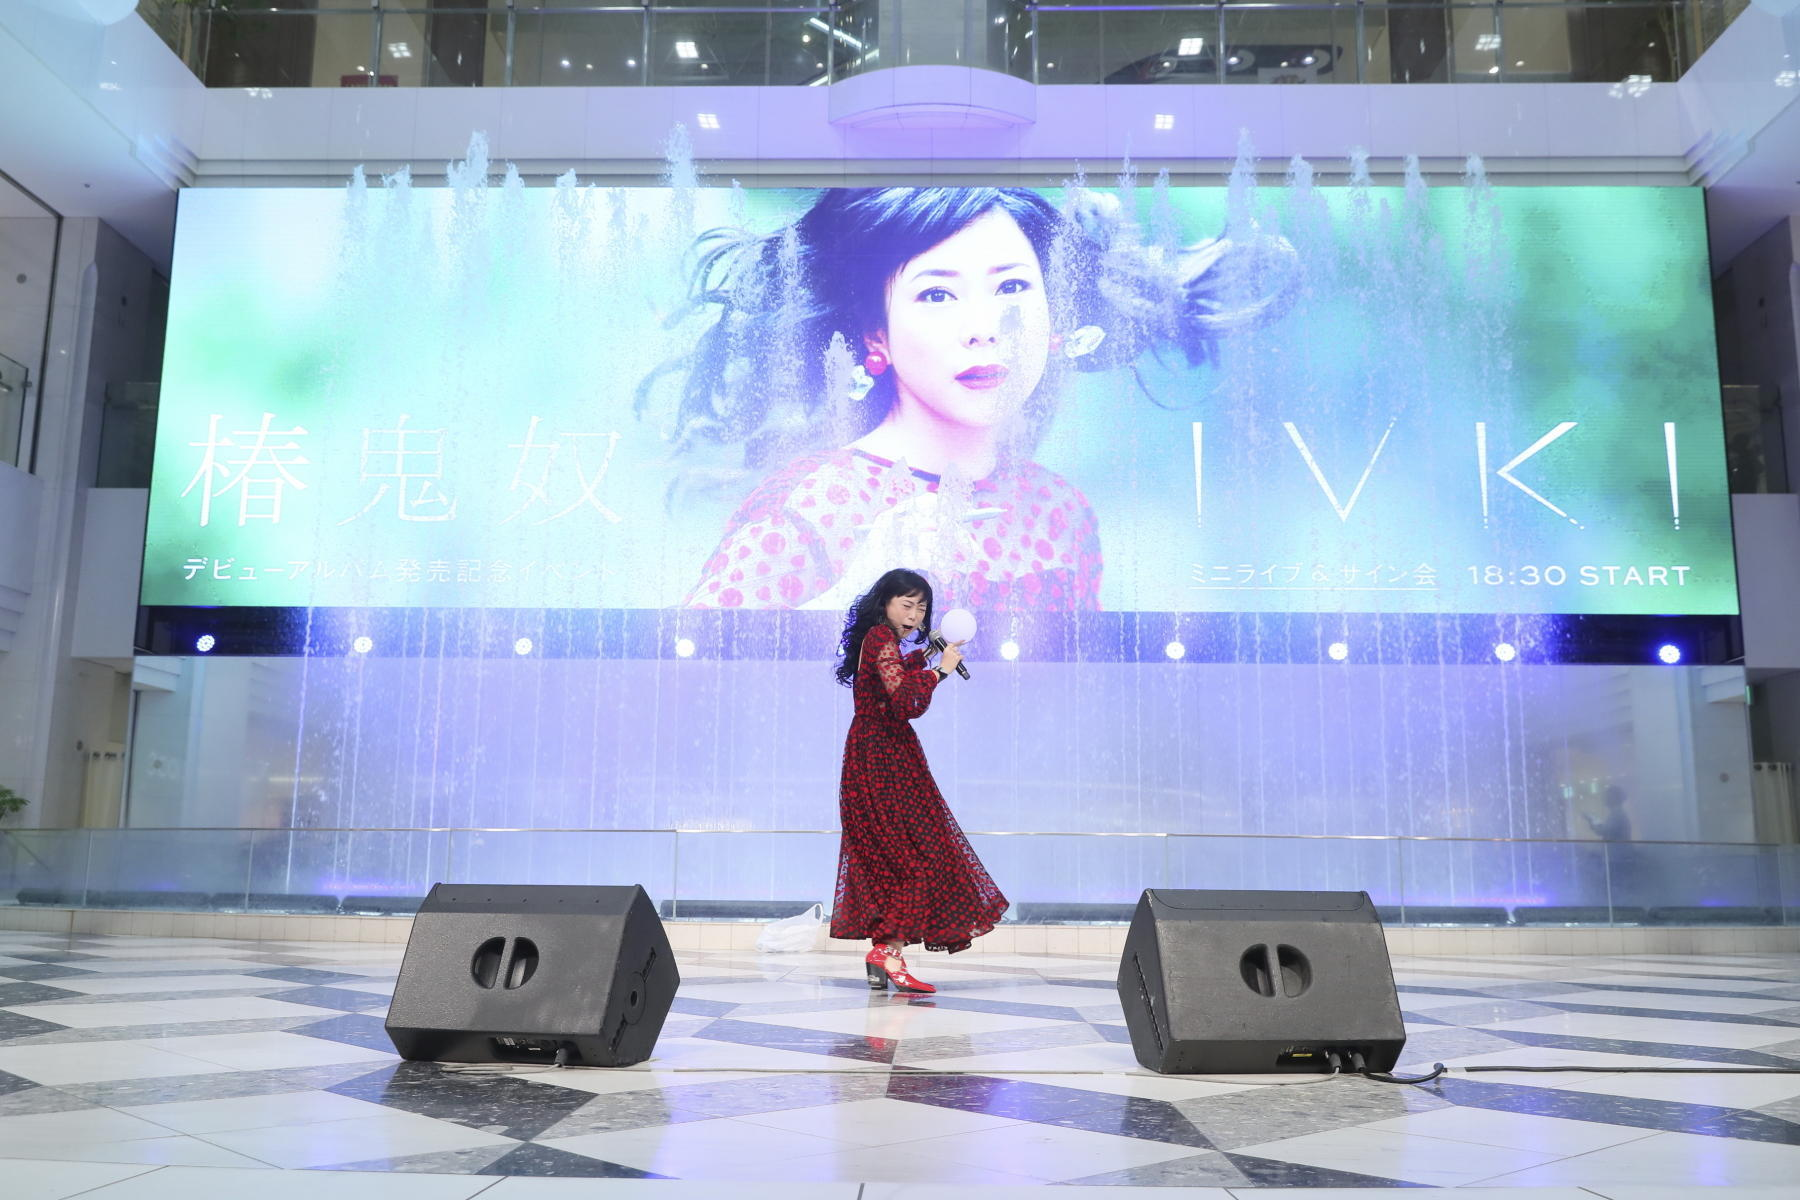 http://news.yoshimoto.co.jp/20180913003226-eb1d27e6541802f508c23712267525925b96bb59.jpg